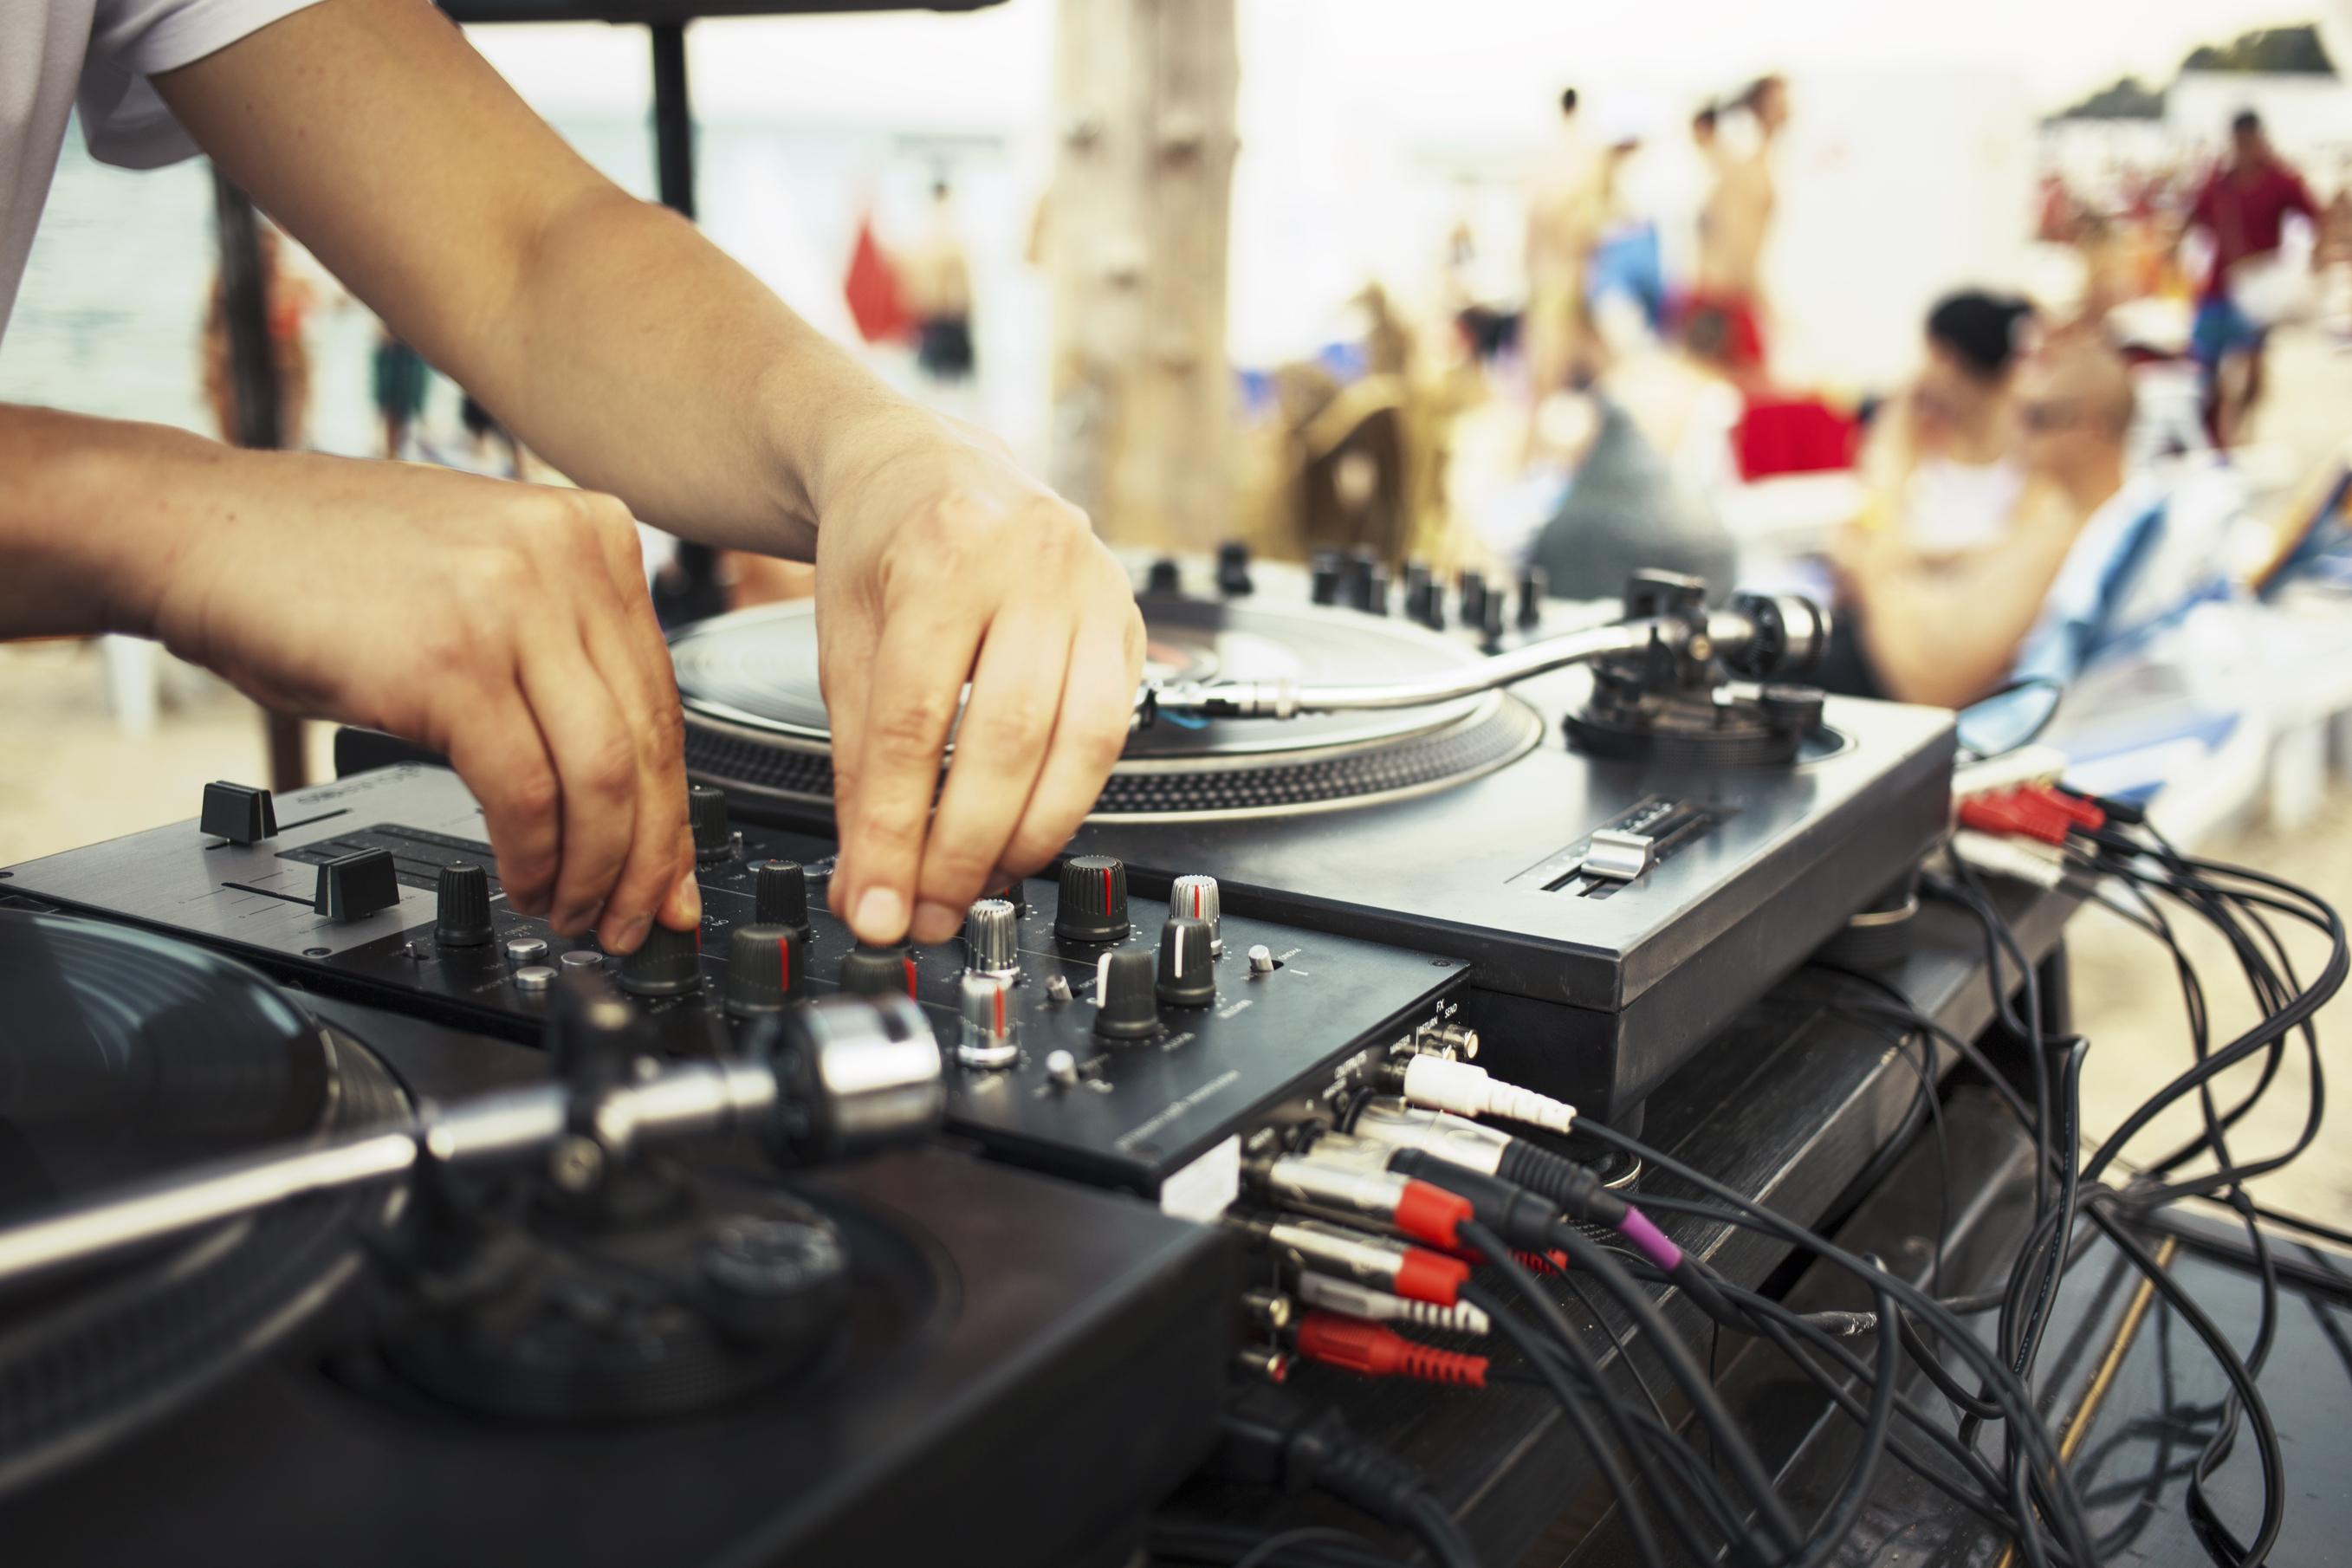 20 ans de lutte contre le bruit excessif